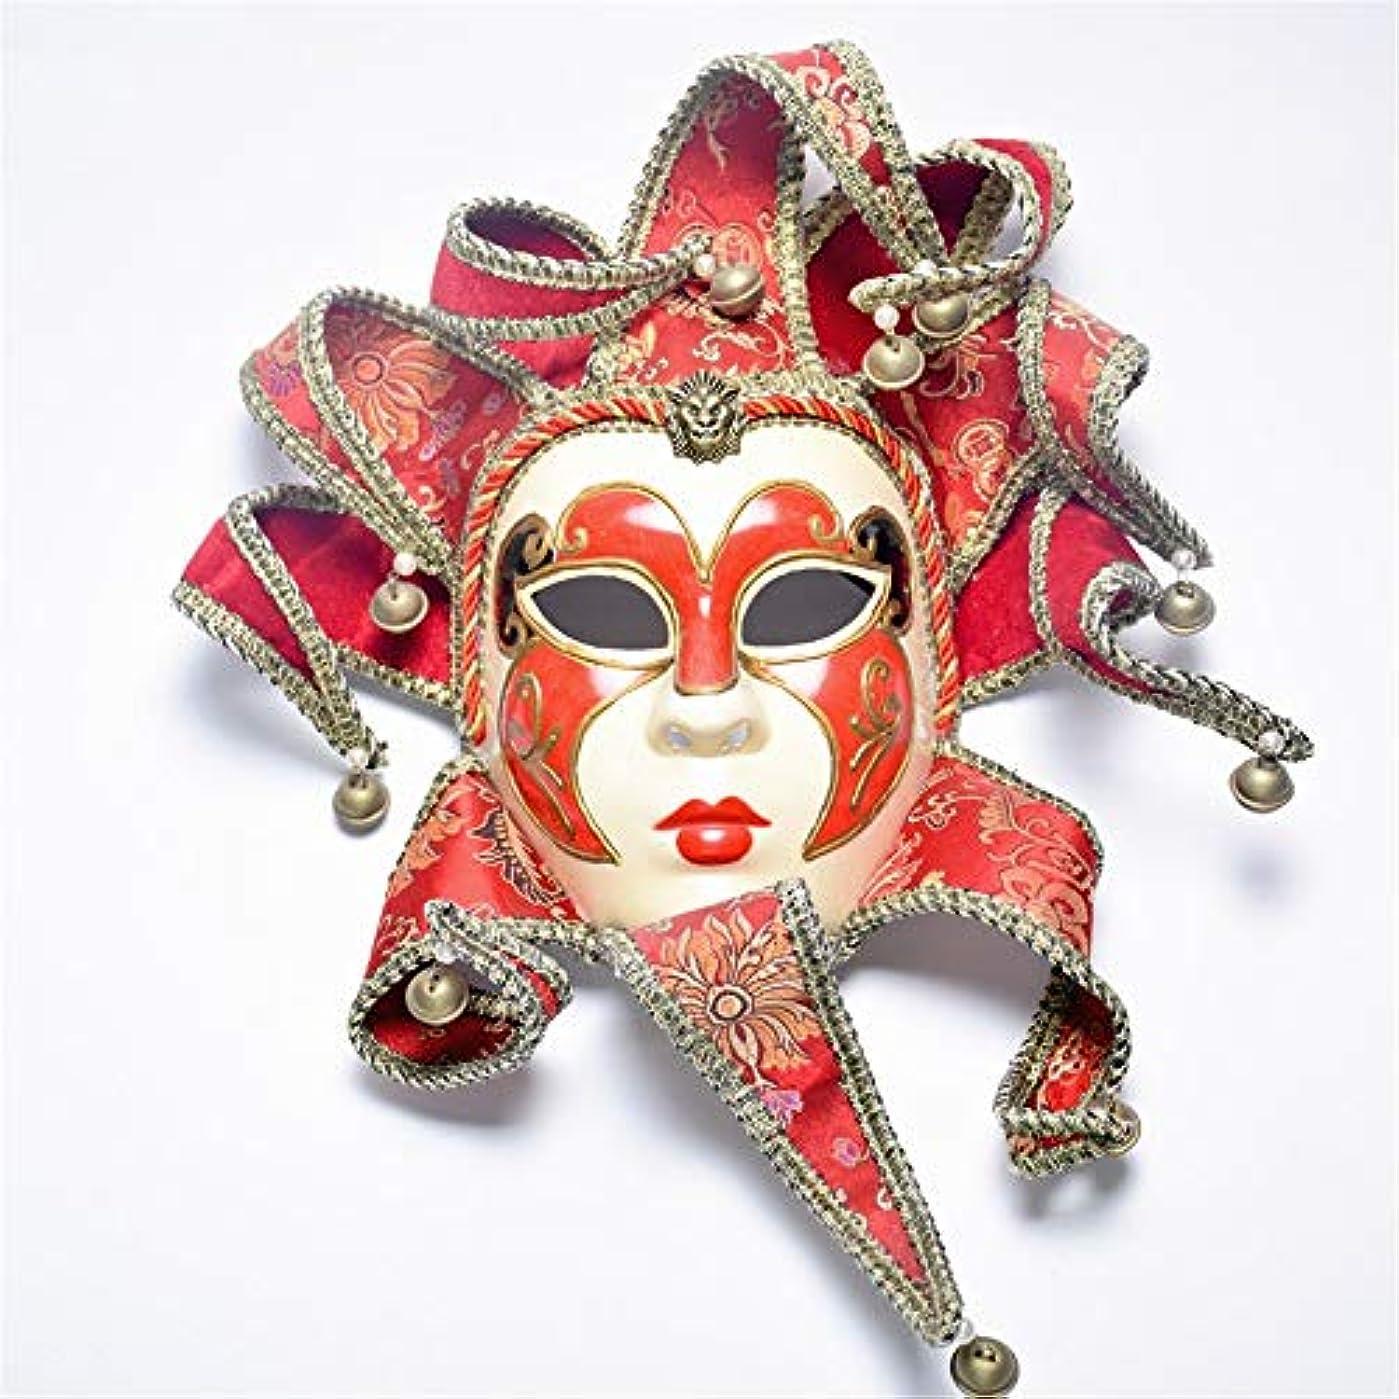 聖なる無実ジャンクションダンスマスク フルフェイスマスク高級パーティーベルマスク女性マスククリスマスフェスティバルロールプレイングプラスチックマスク ホリデーパーティー用品 (色 : 赤, サイズ : 49x29cm)